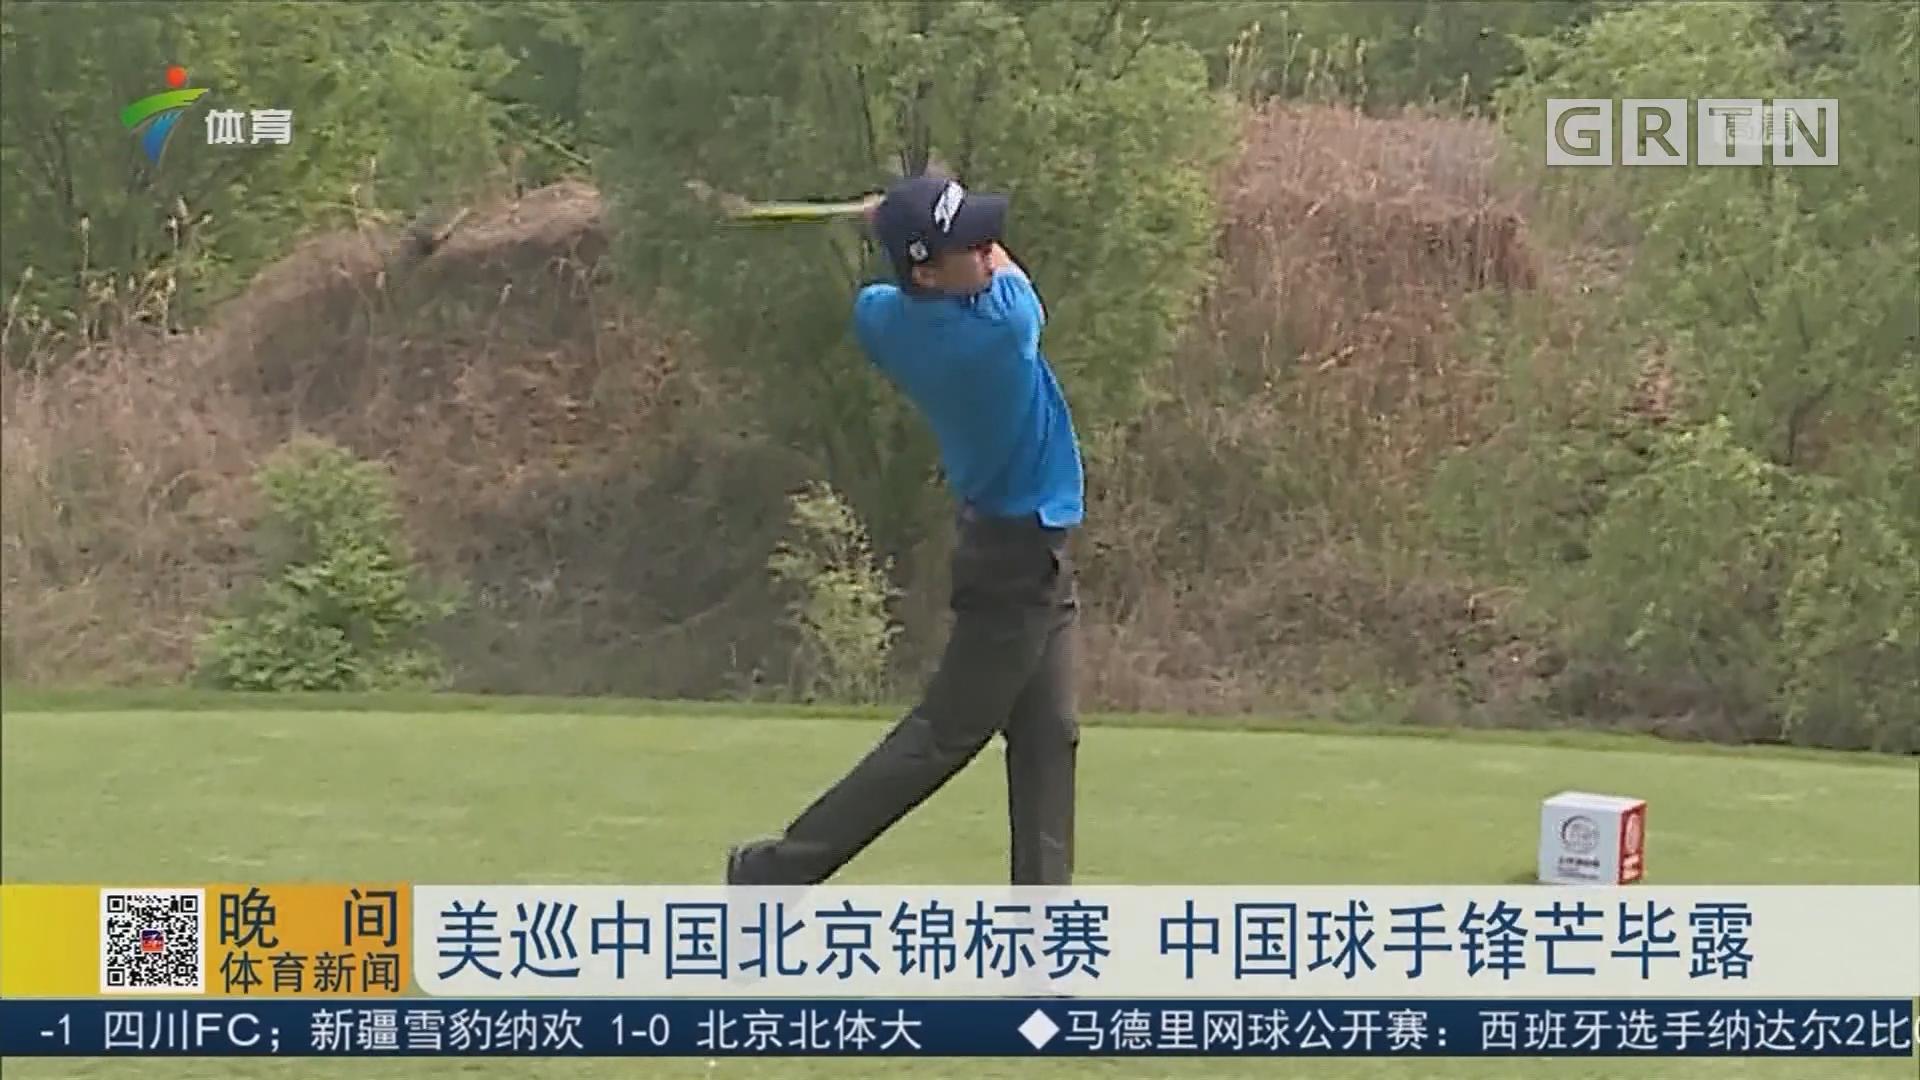 美巡中国北京锦标赛 中国球手锋芒毕露